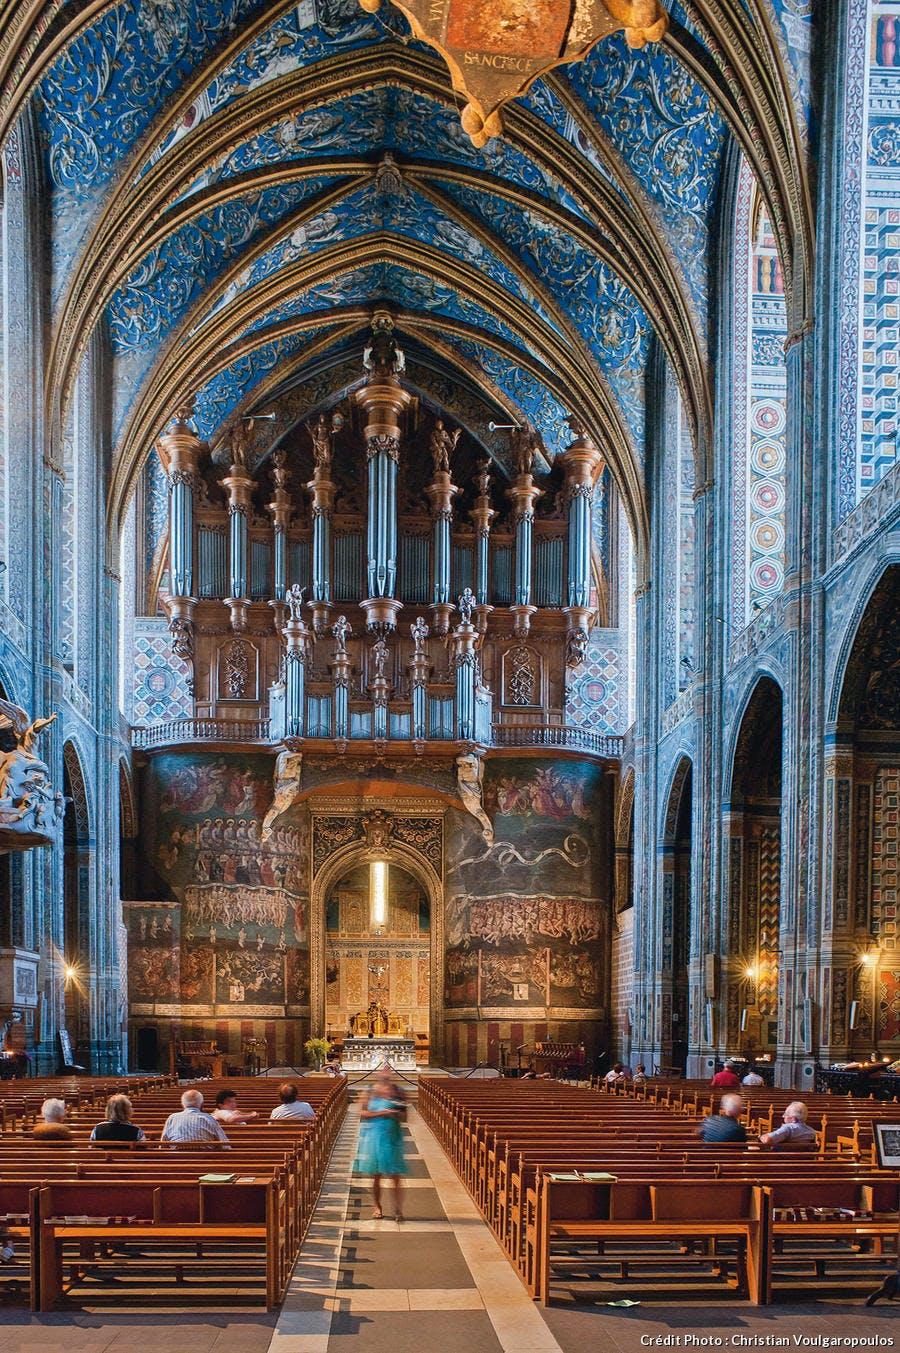 Fresque du jugement dernier de la cathédrale Sainte-Cécile d'Albi